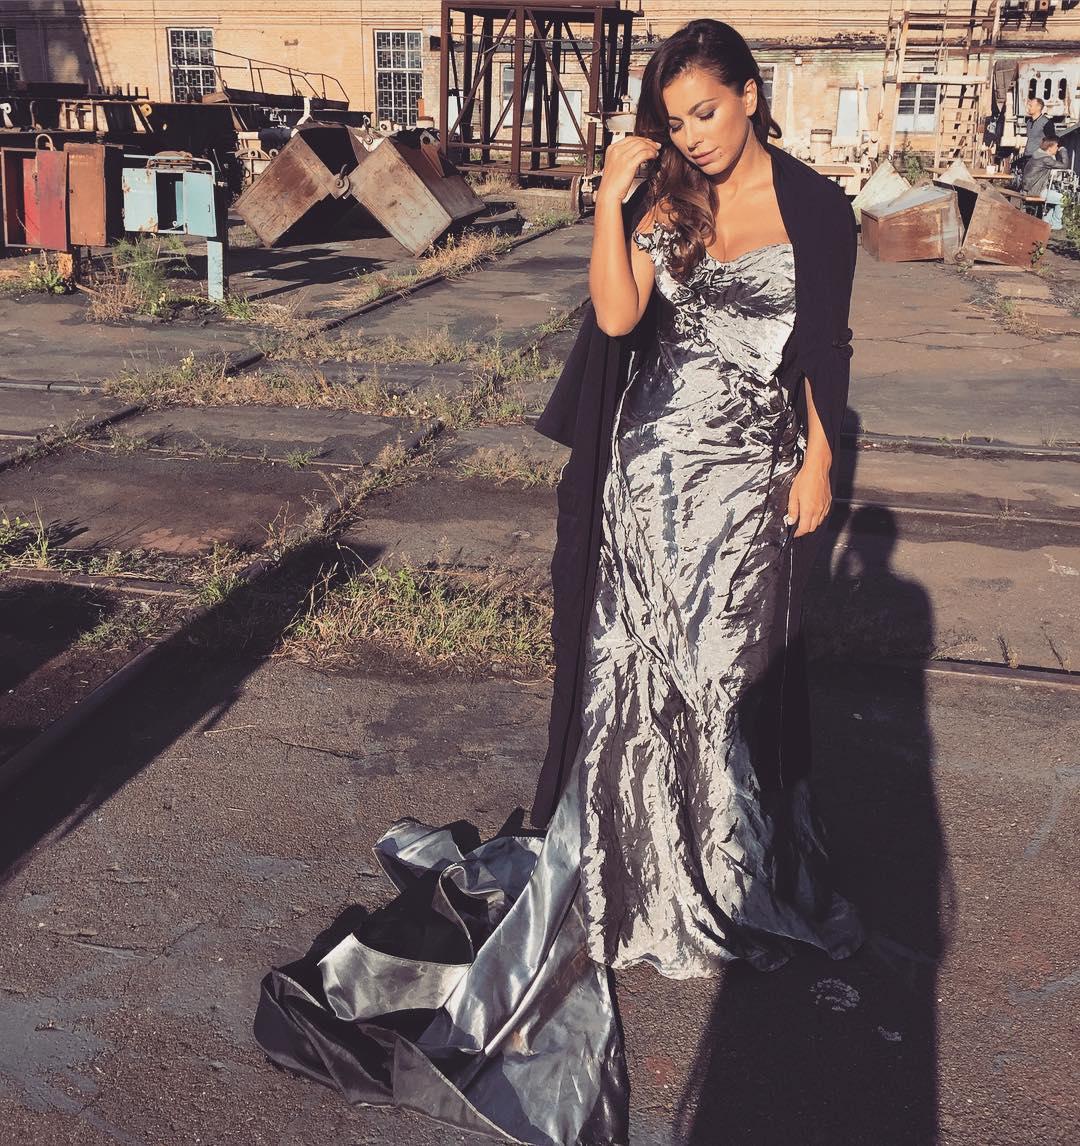 Поклонники раскритиковали наряд Ани Лорак для ее нового клипа